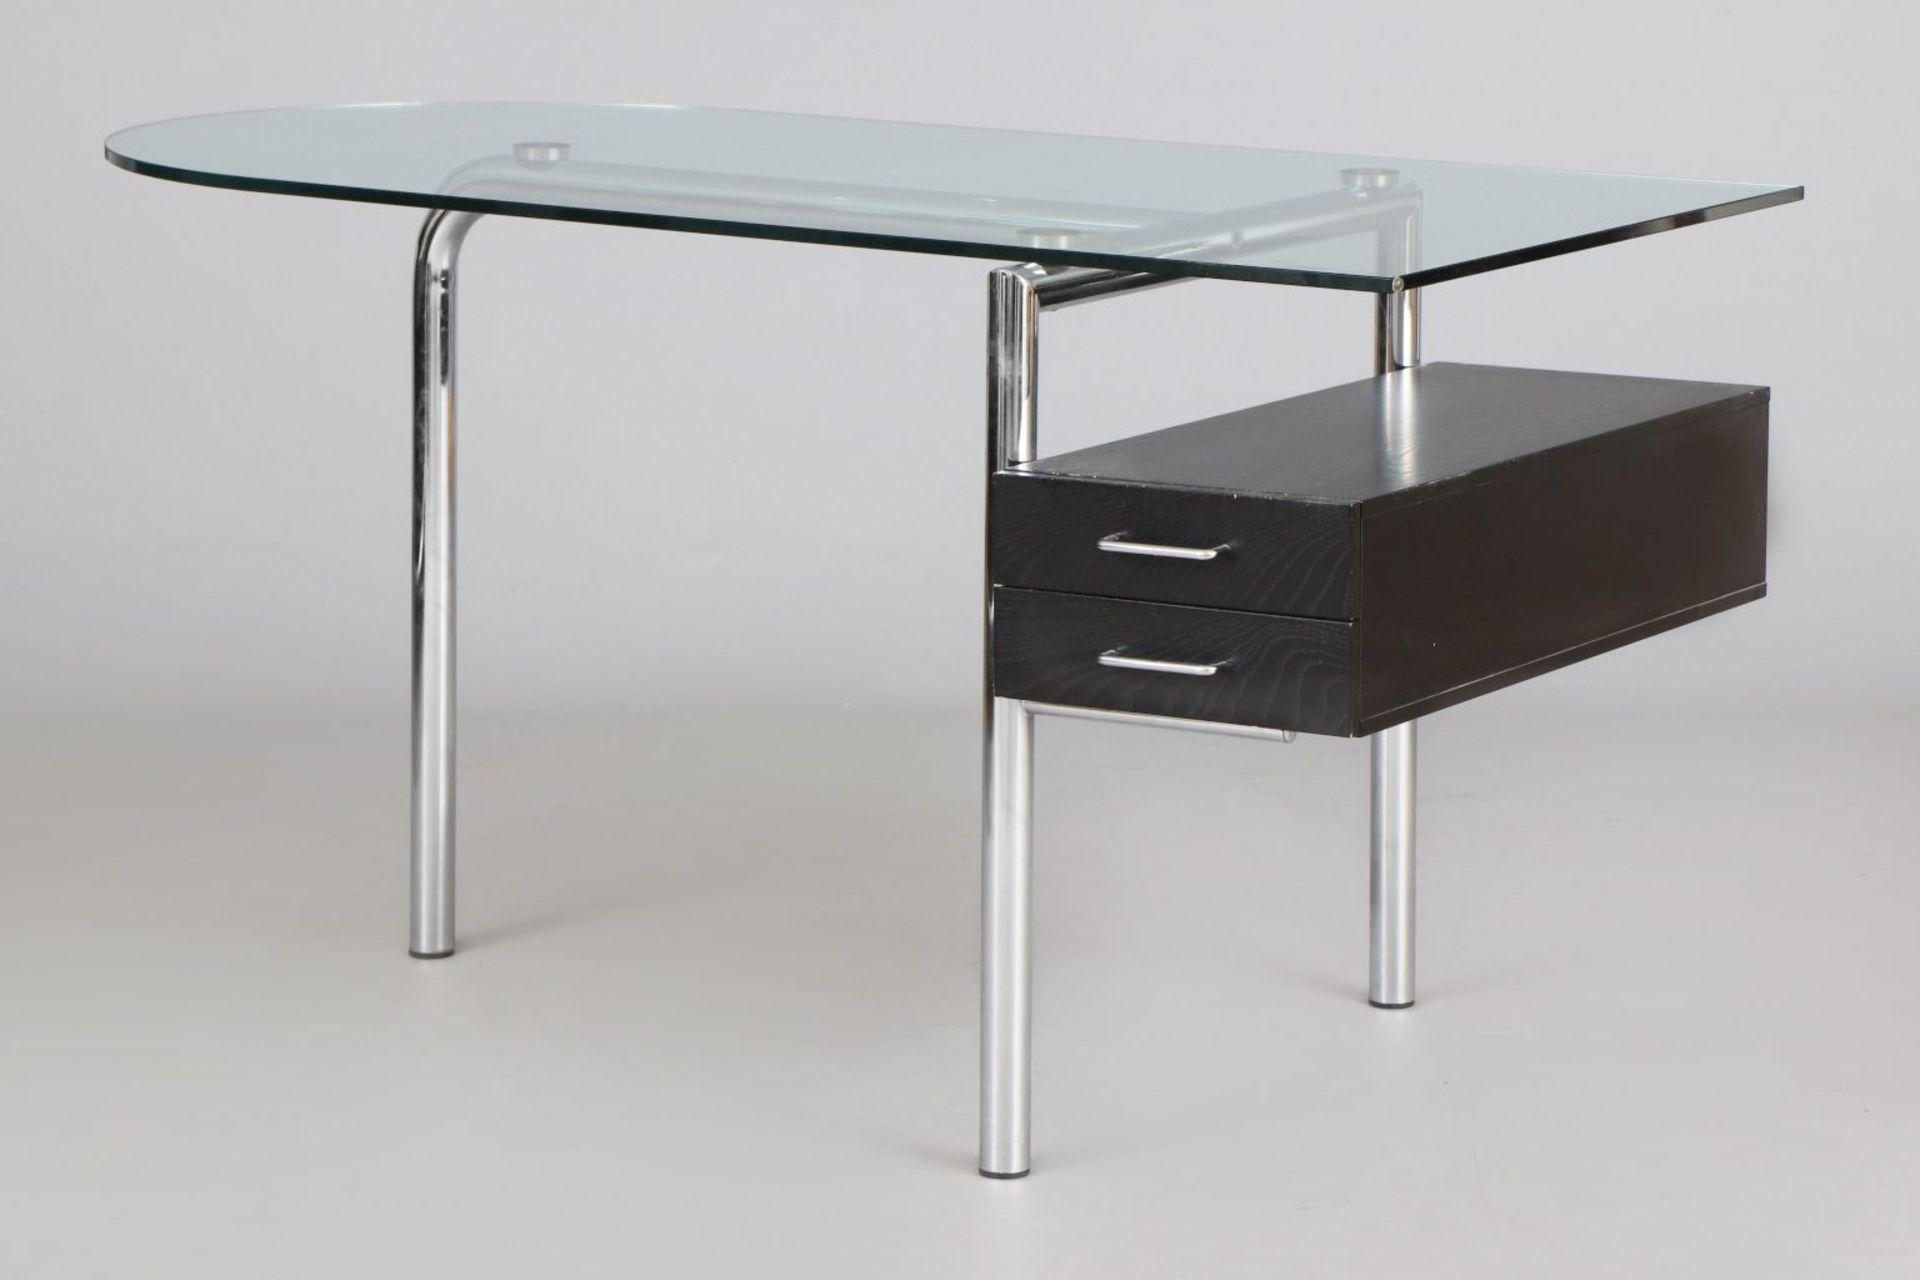 MIRTO Schreibtisch im Stile des Bauhaus - Bild 2 aus 3